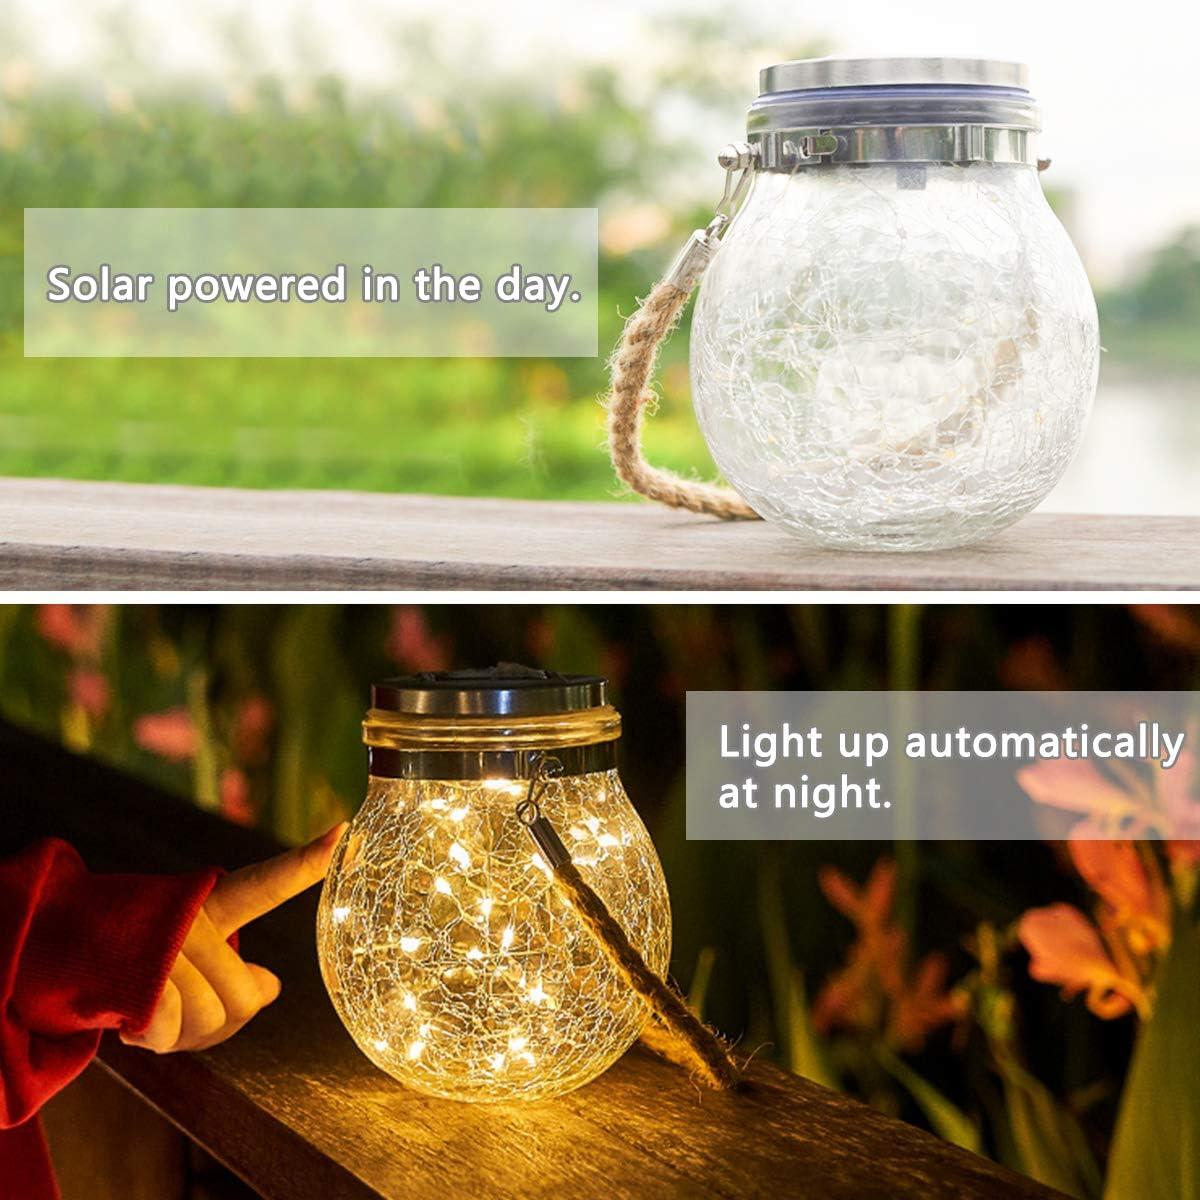 Cortile- 2 Pezzi Lampade Solari in Vetro IP65 Luce Solare Impermeabile Luce Bianca Sospesa Calda Luci a LED per Giardino Festa Balcone VIFLYKOO Luce Solare Giardino Camera da Letto